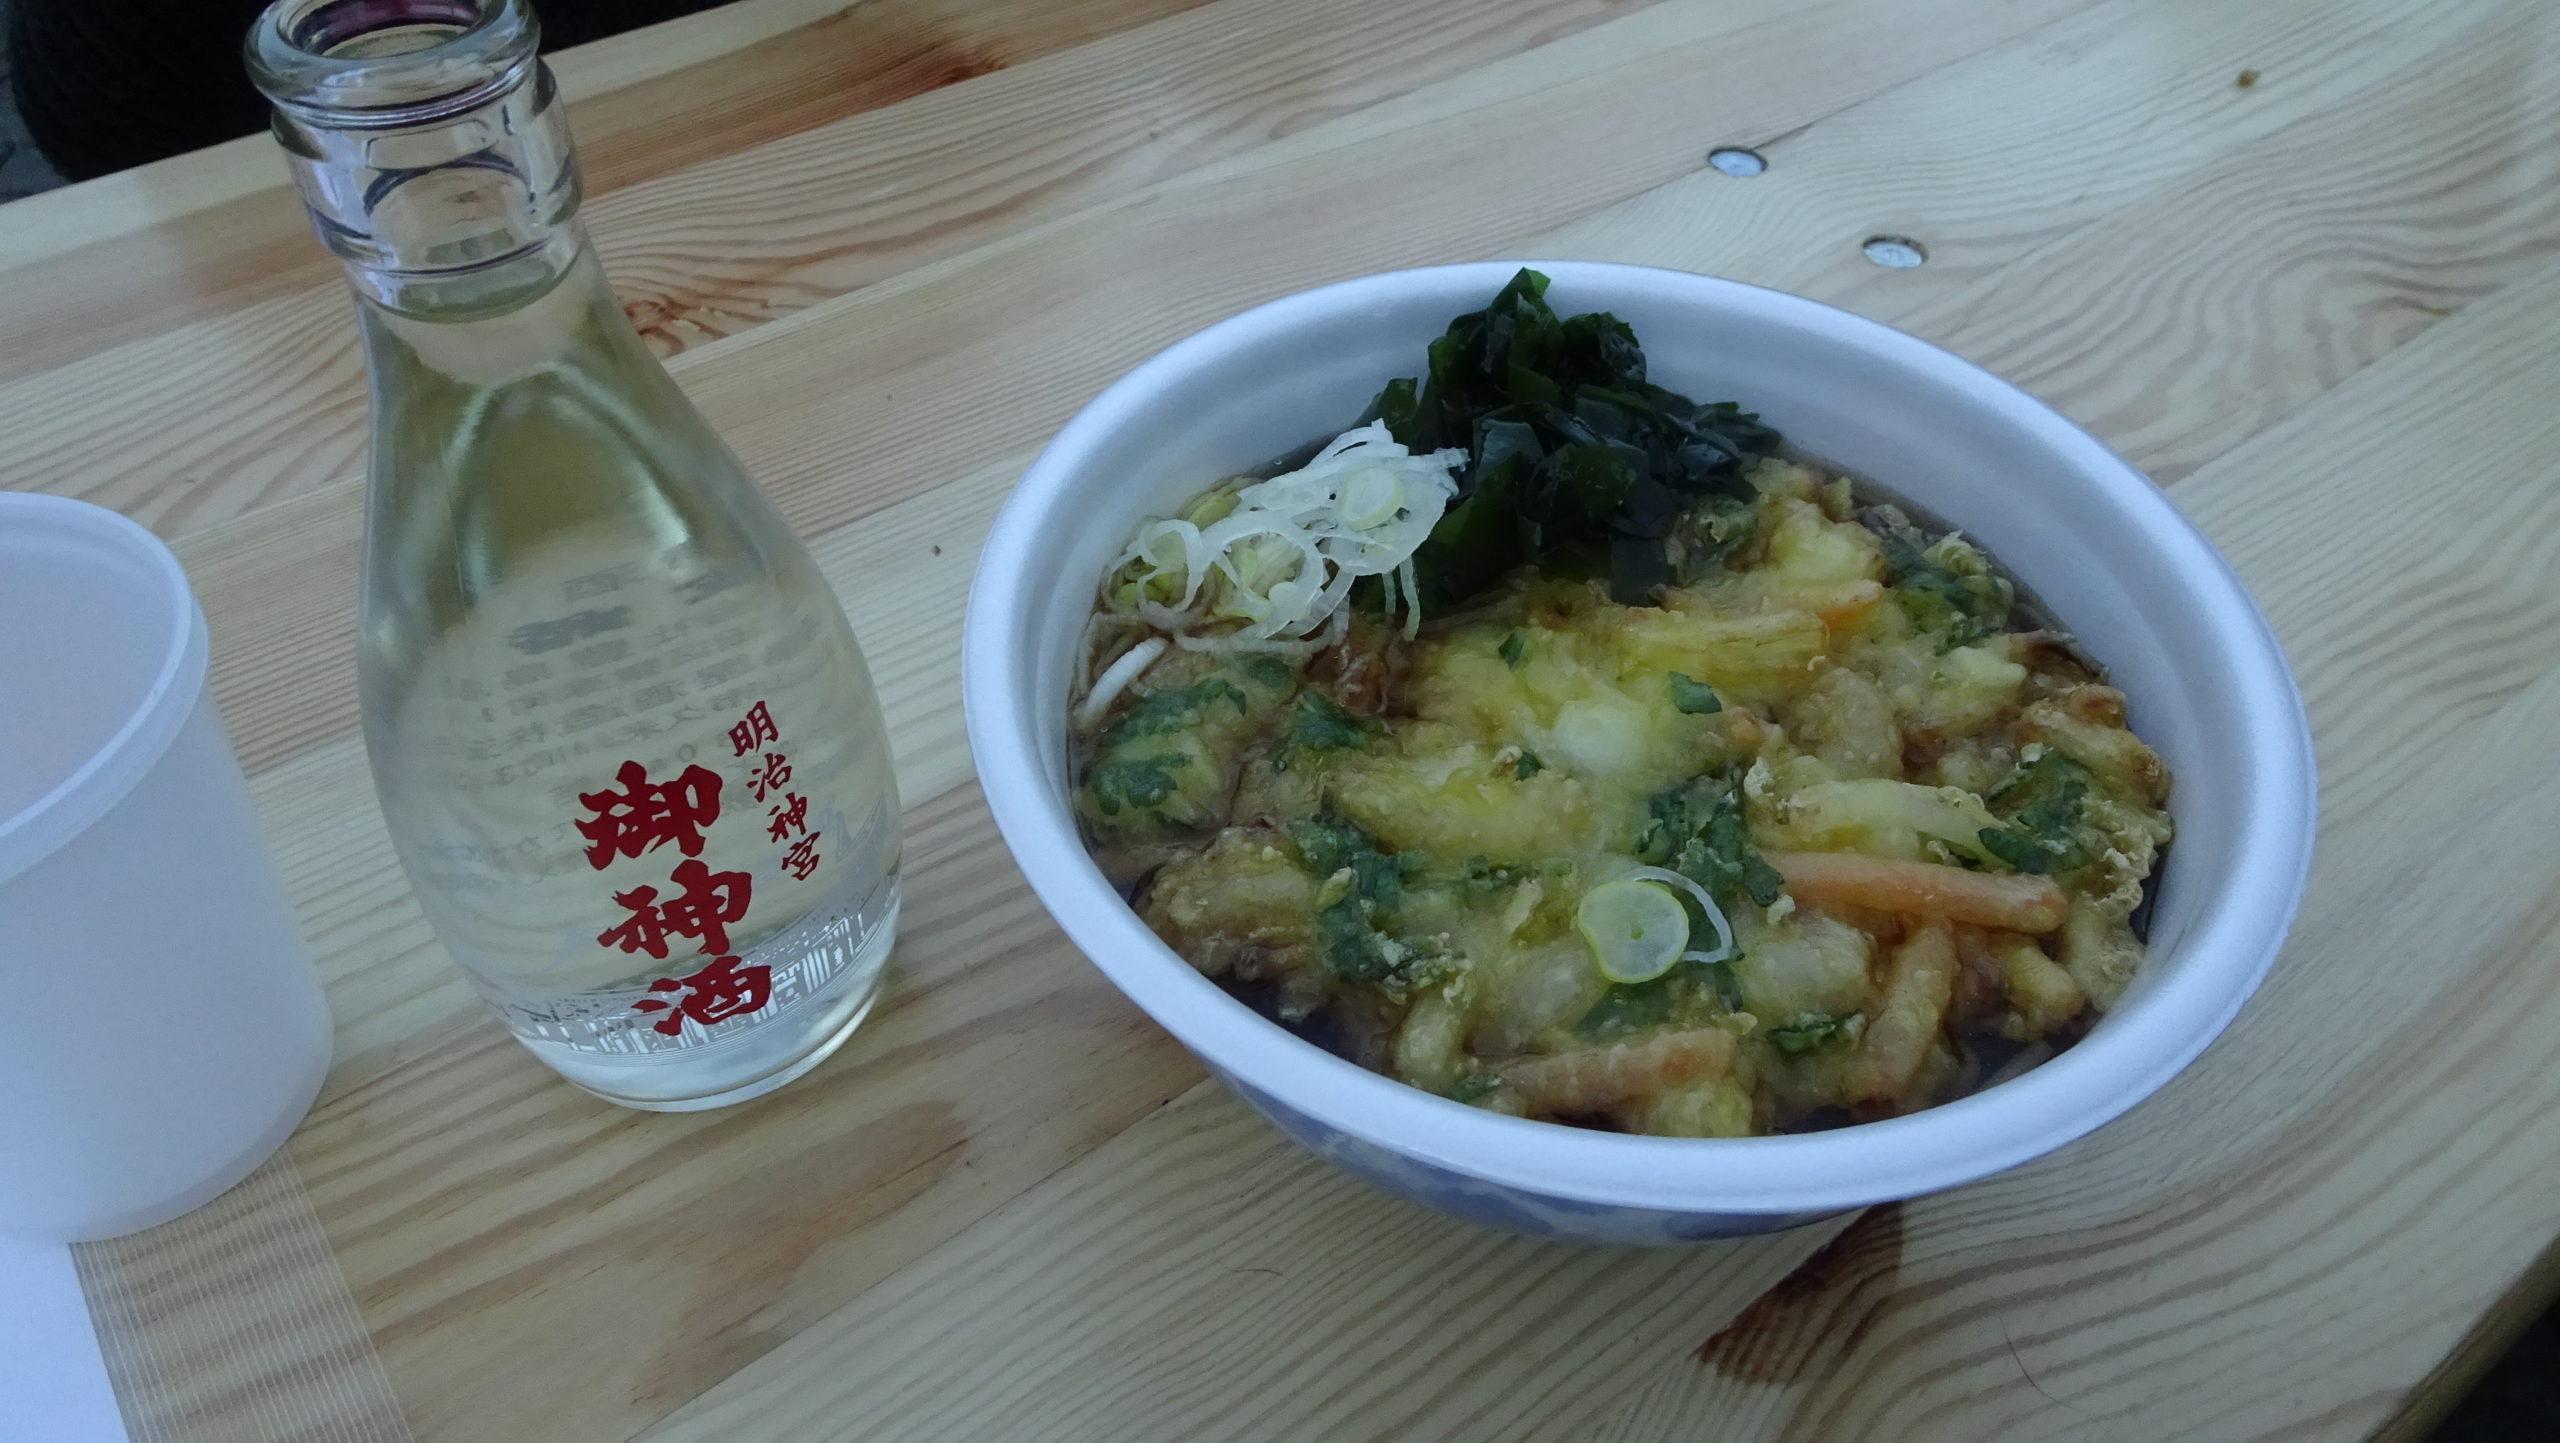 明治神宮初詣ふれあい広場でのお神酒とお蕎麦